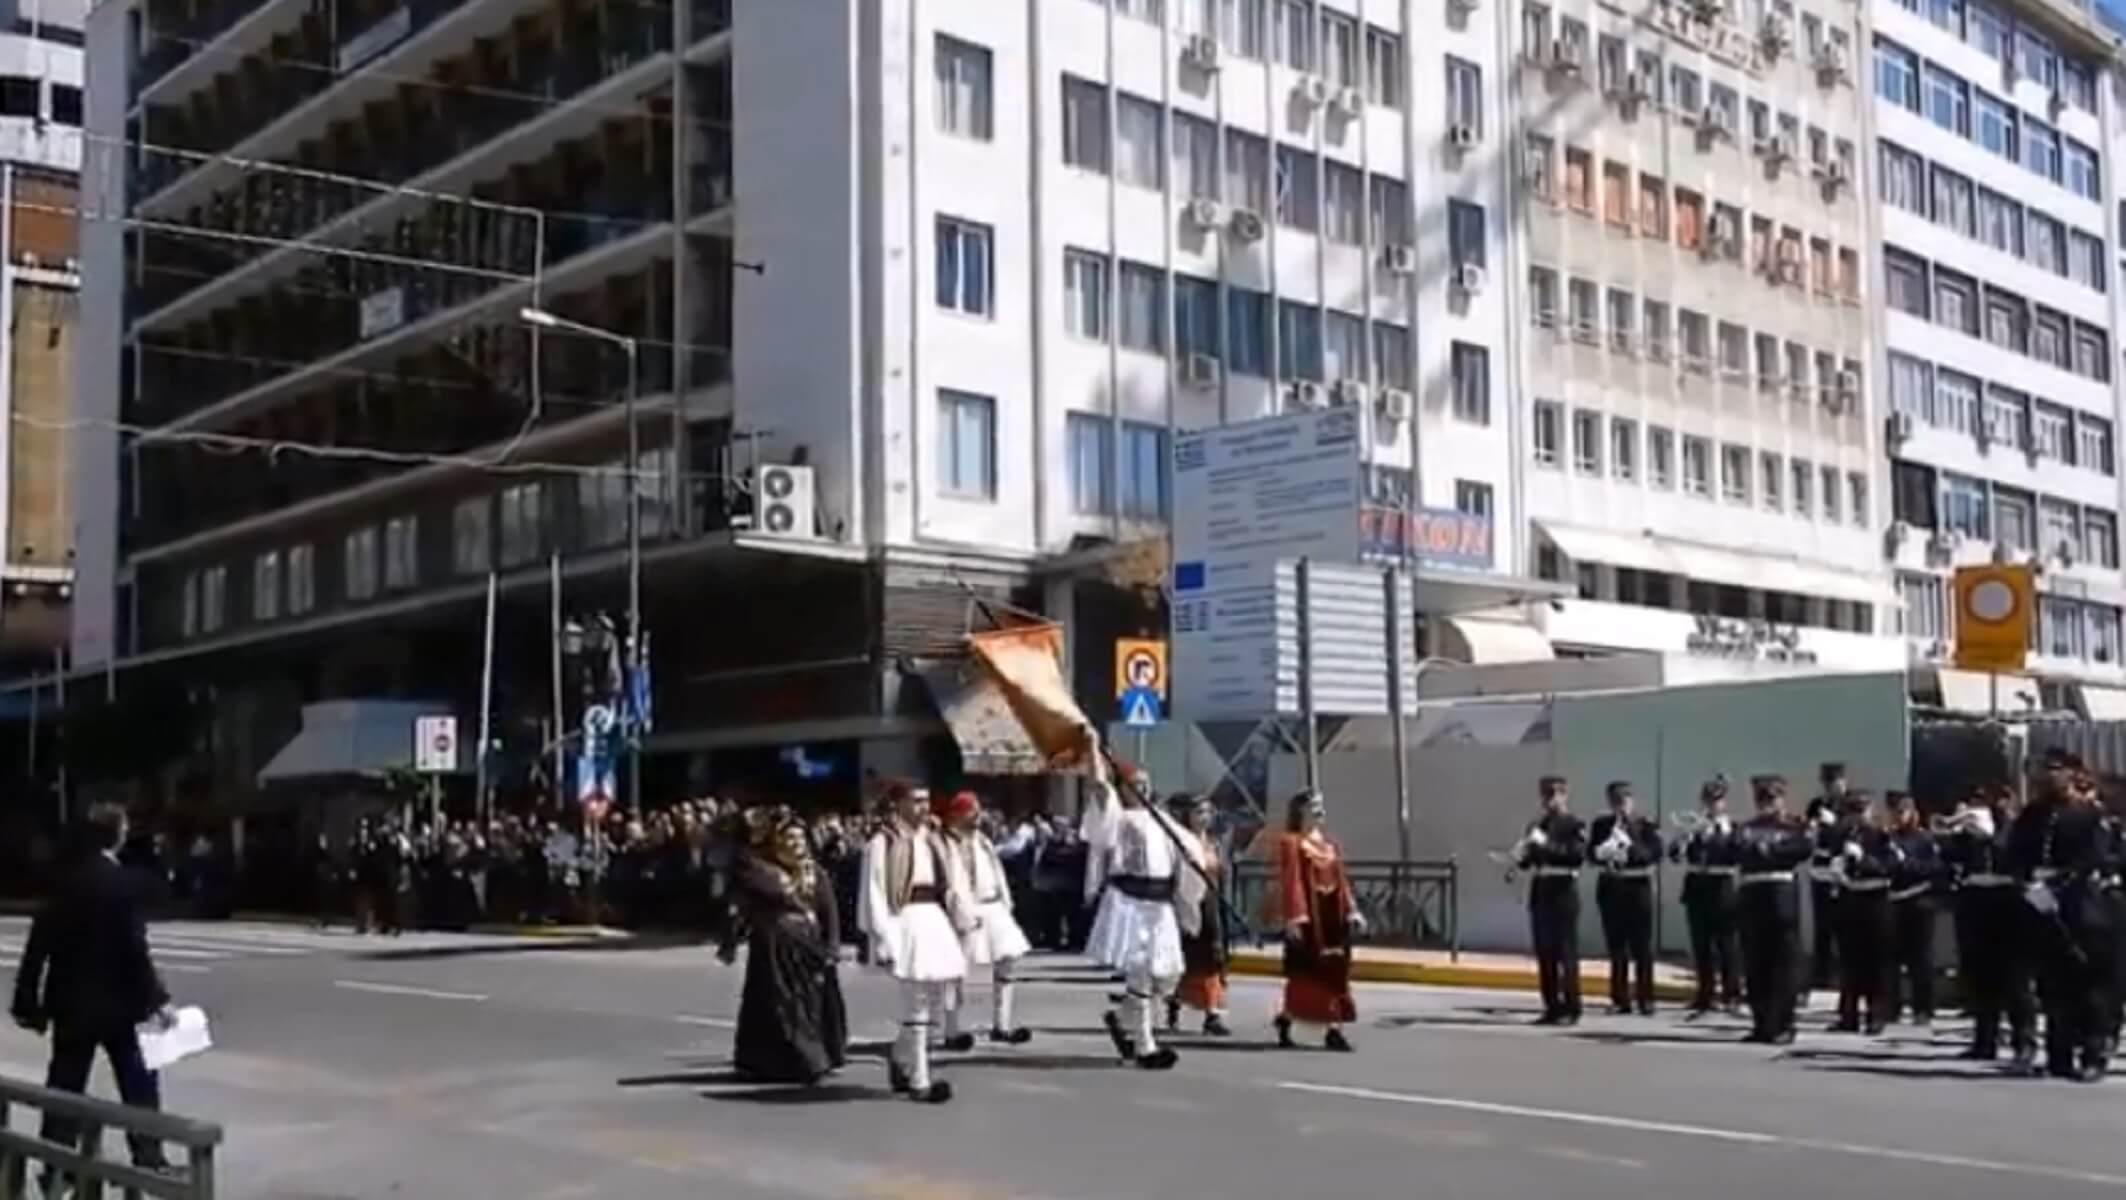 """Παρέλαση 25 Μαρτίου: Η στιγμή που παιάνισε το """"Μακεδονία ξακουστή"""" η φιλαρμονική Πειραιά"""